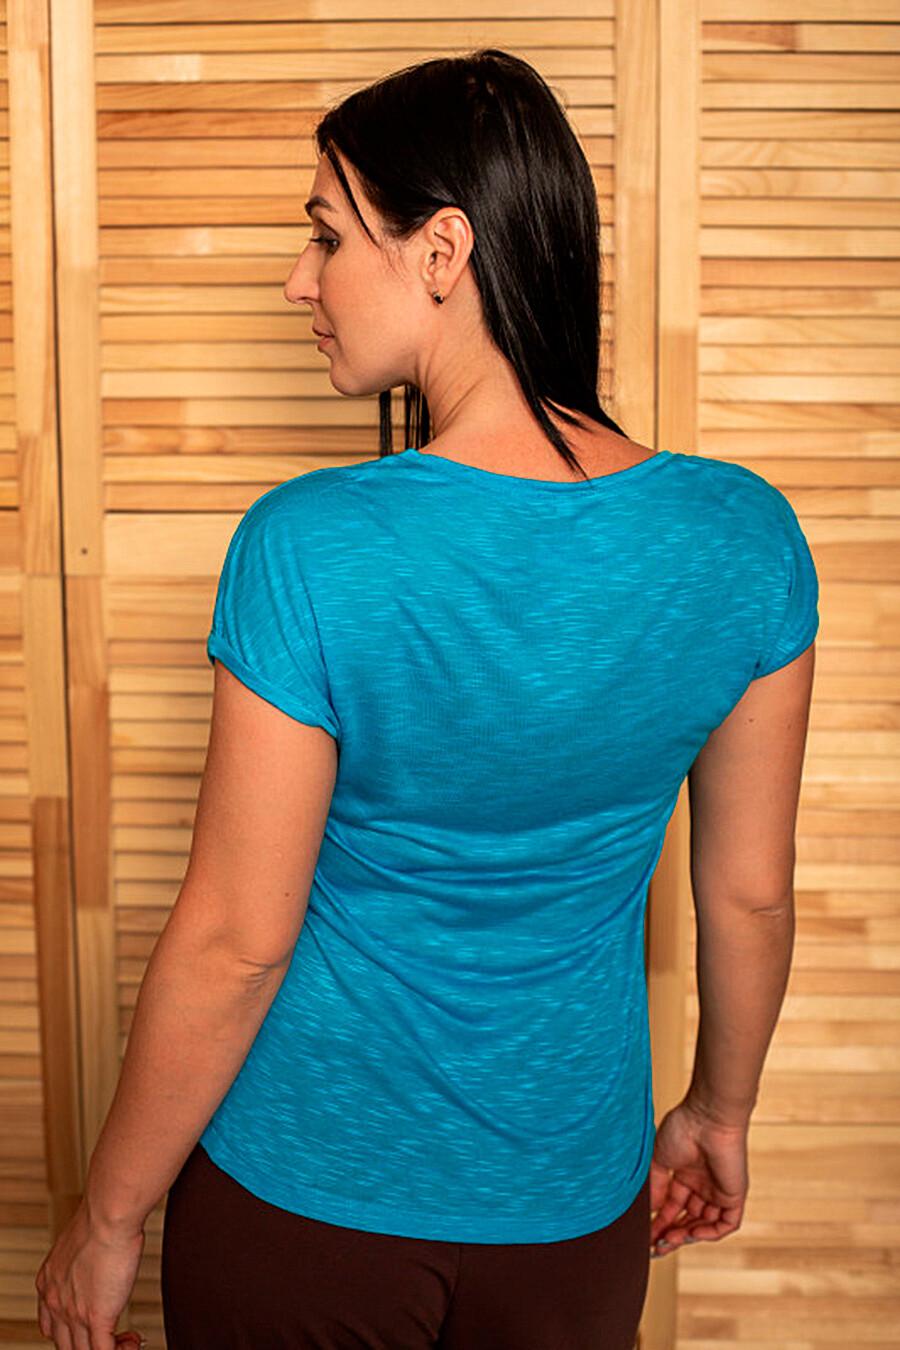 Футболка для женщин SOFIYA37 668405 купить оптом от производителя. Совместная покупка женской одежды в OptMoyo